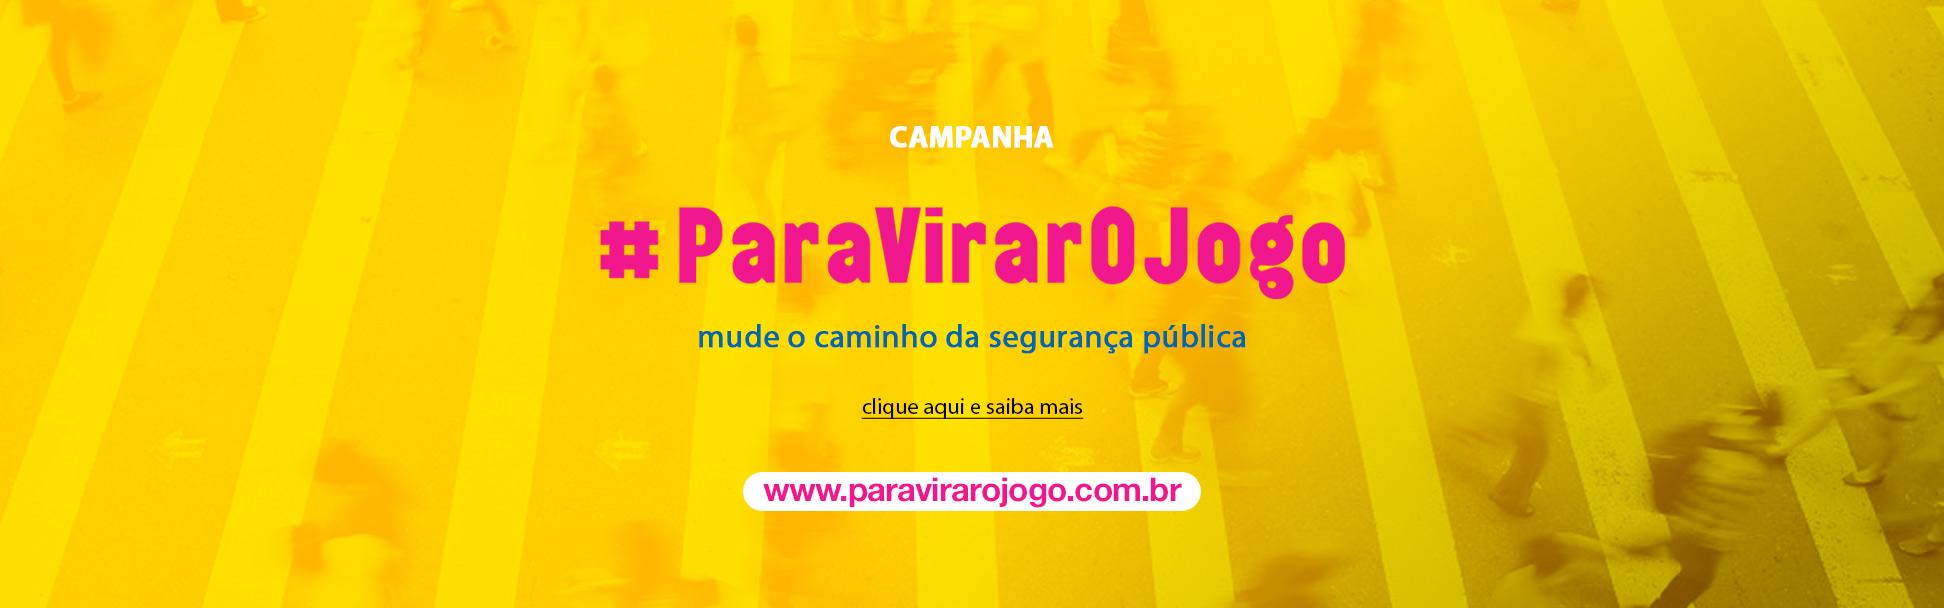 banner-campanha-virar-o-jogo-site3